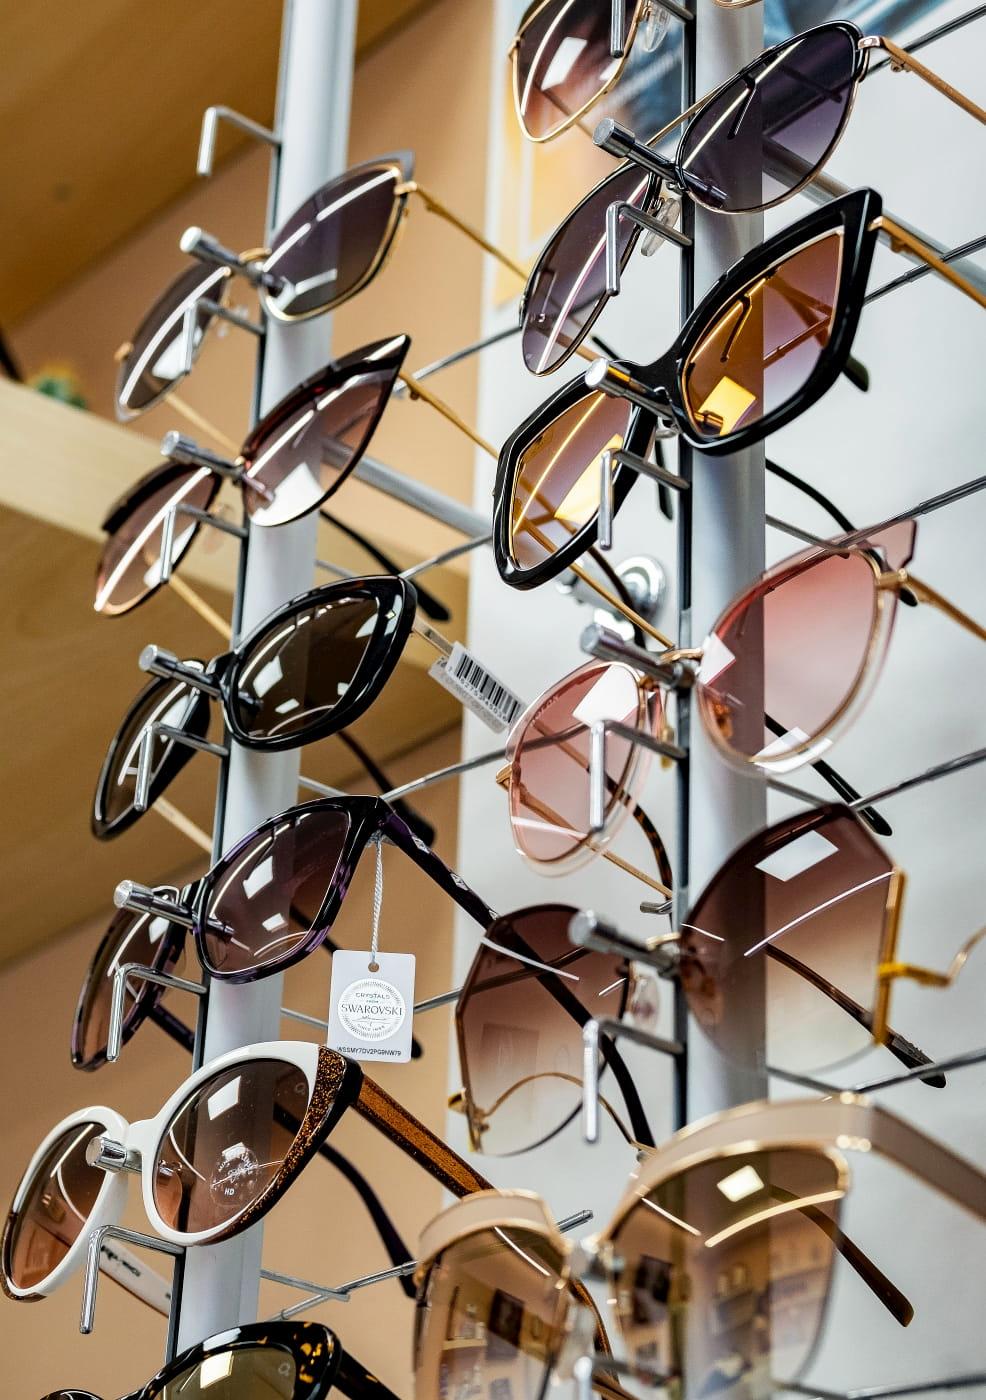 Prezentácia okuliarov, ktoré sú vystavené na stojane